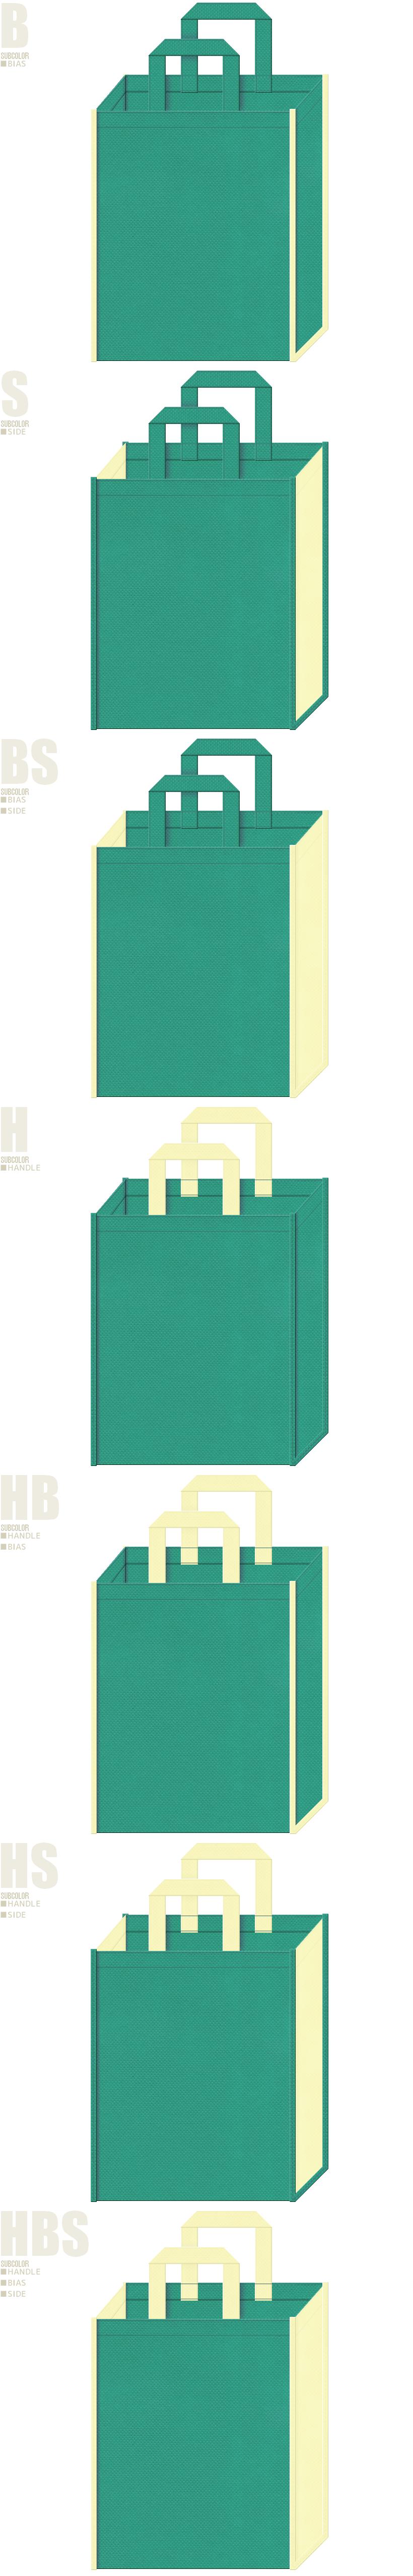 福祉施設・介護用品の展示会用バッグにお奨めの不織布バッグデザイン:青緑色と薄黄色の不織布バッグ配色7パターン。